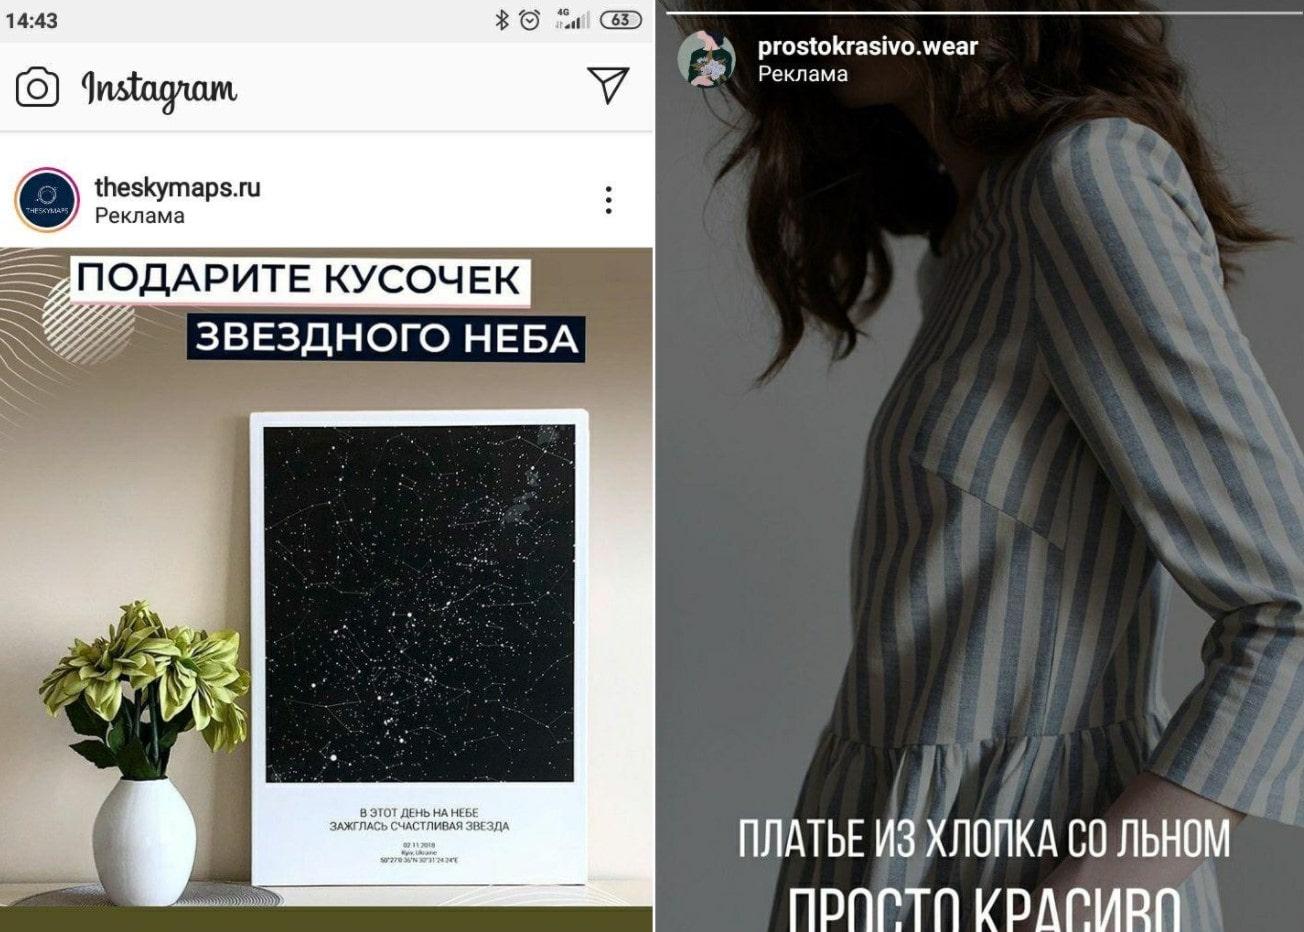 Пример рекламного объявления таргетированной рекламы в Инстаграм